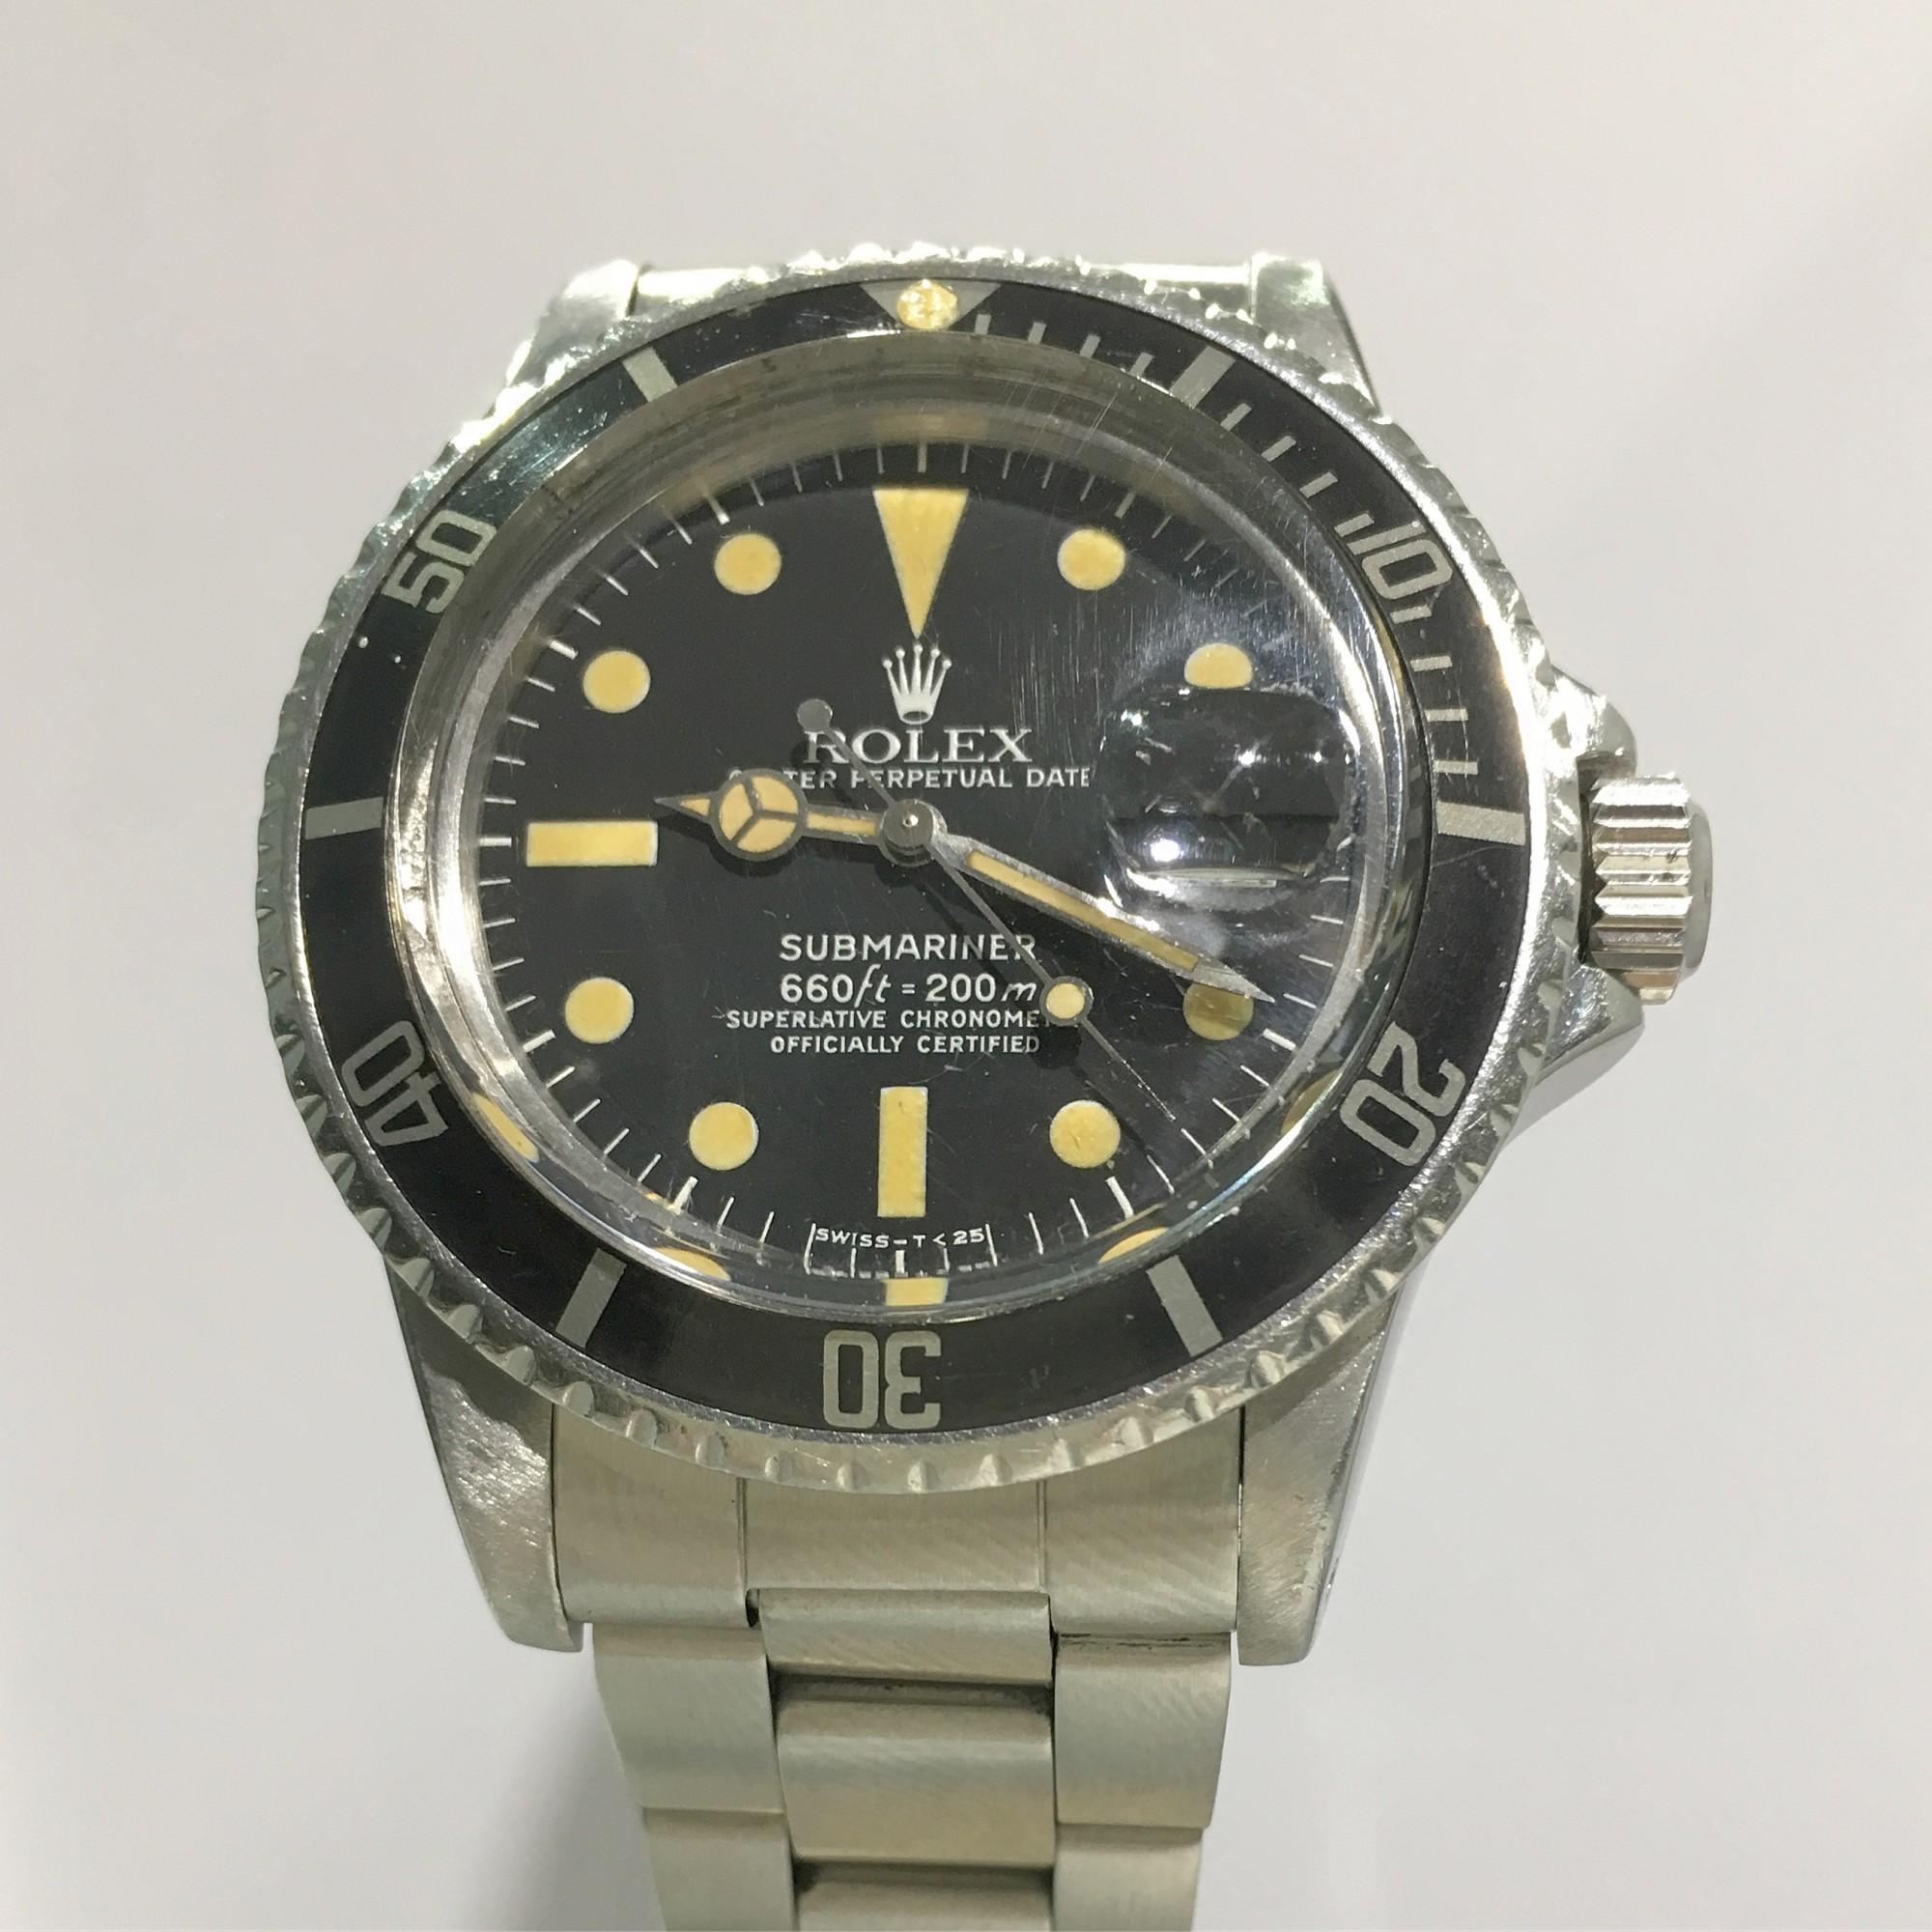 Montre occasion Rolex Submariner Date 1680 Mark I.